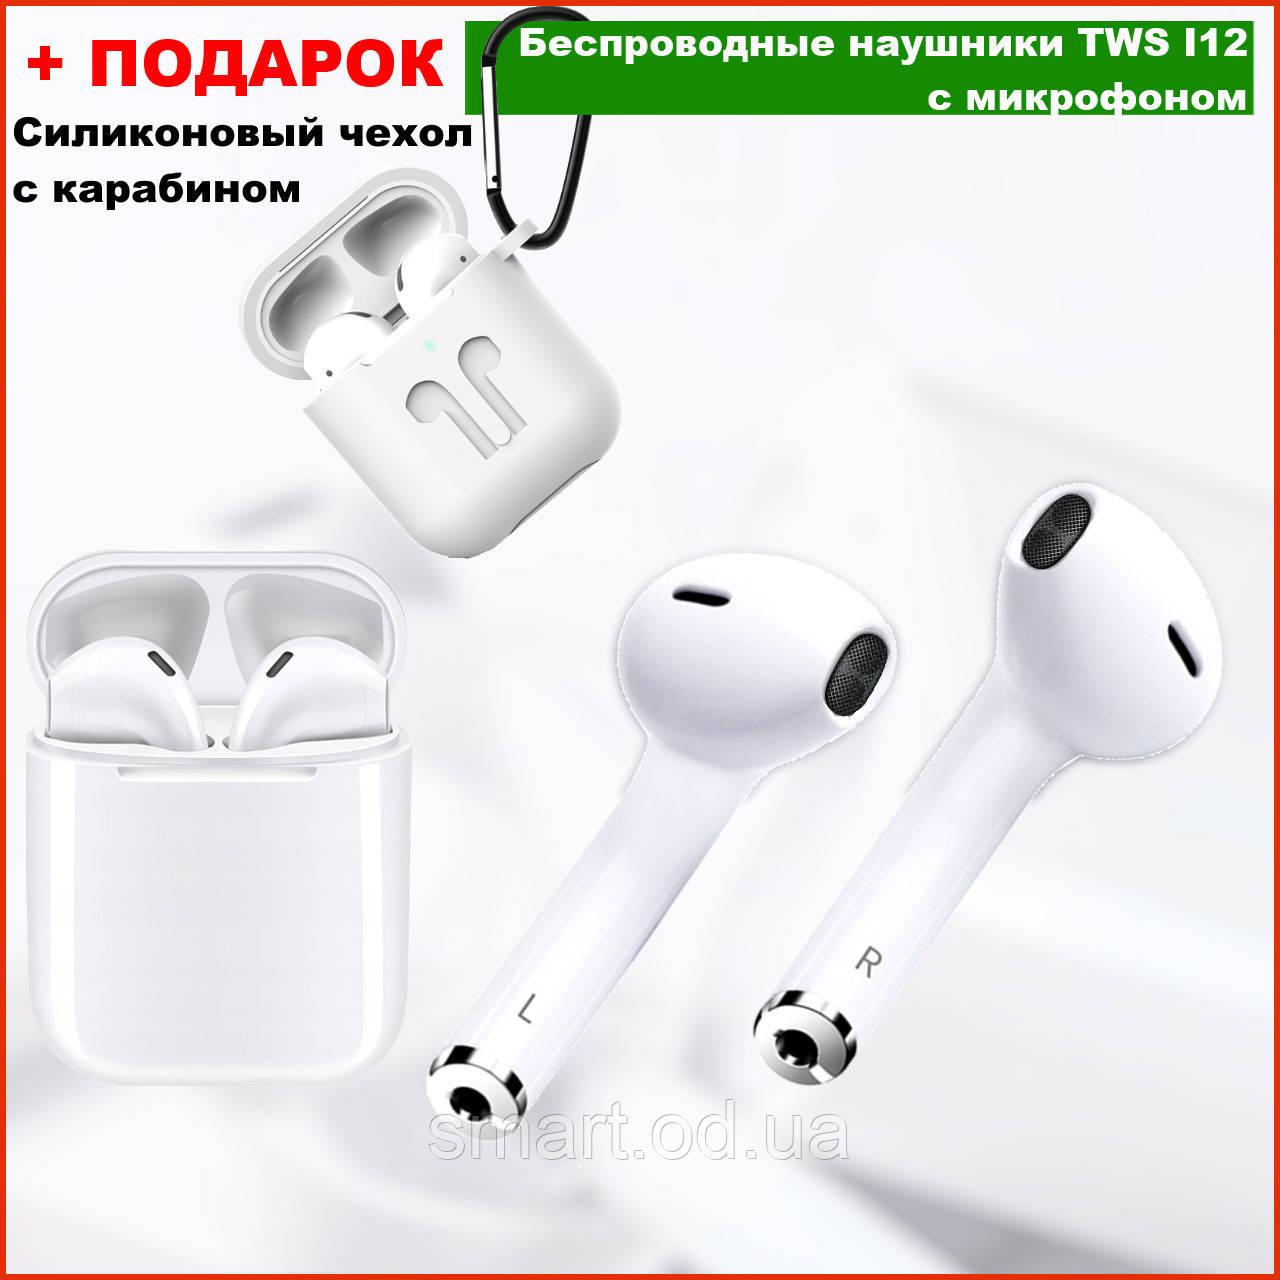 Бездротові навушники TWS I12 Bluetooth із зарядним кейсом в стилі AirPods гарнітура мікрофон телефон блютуз